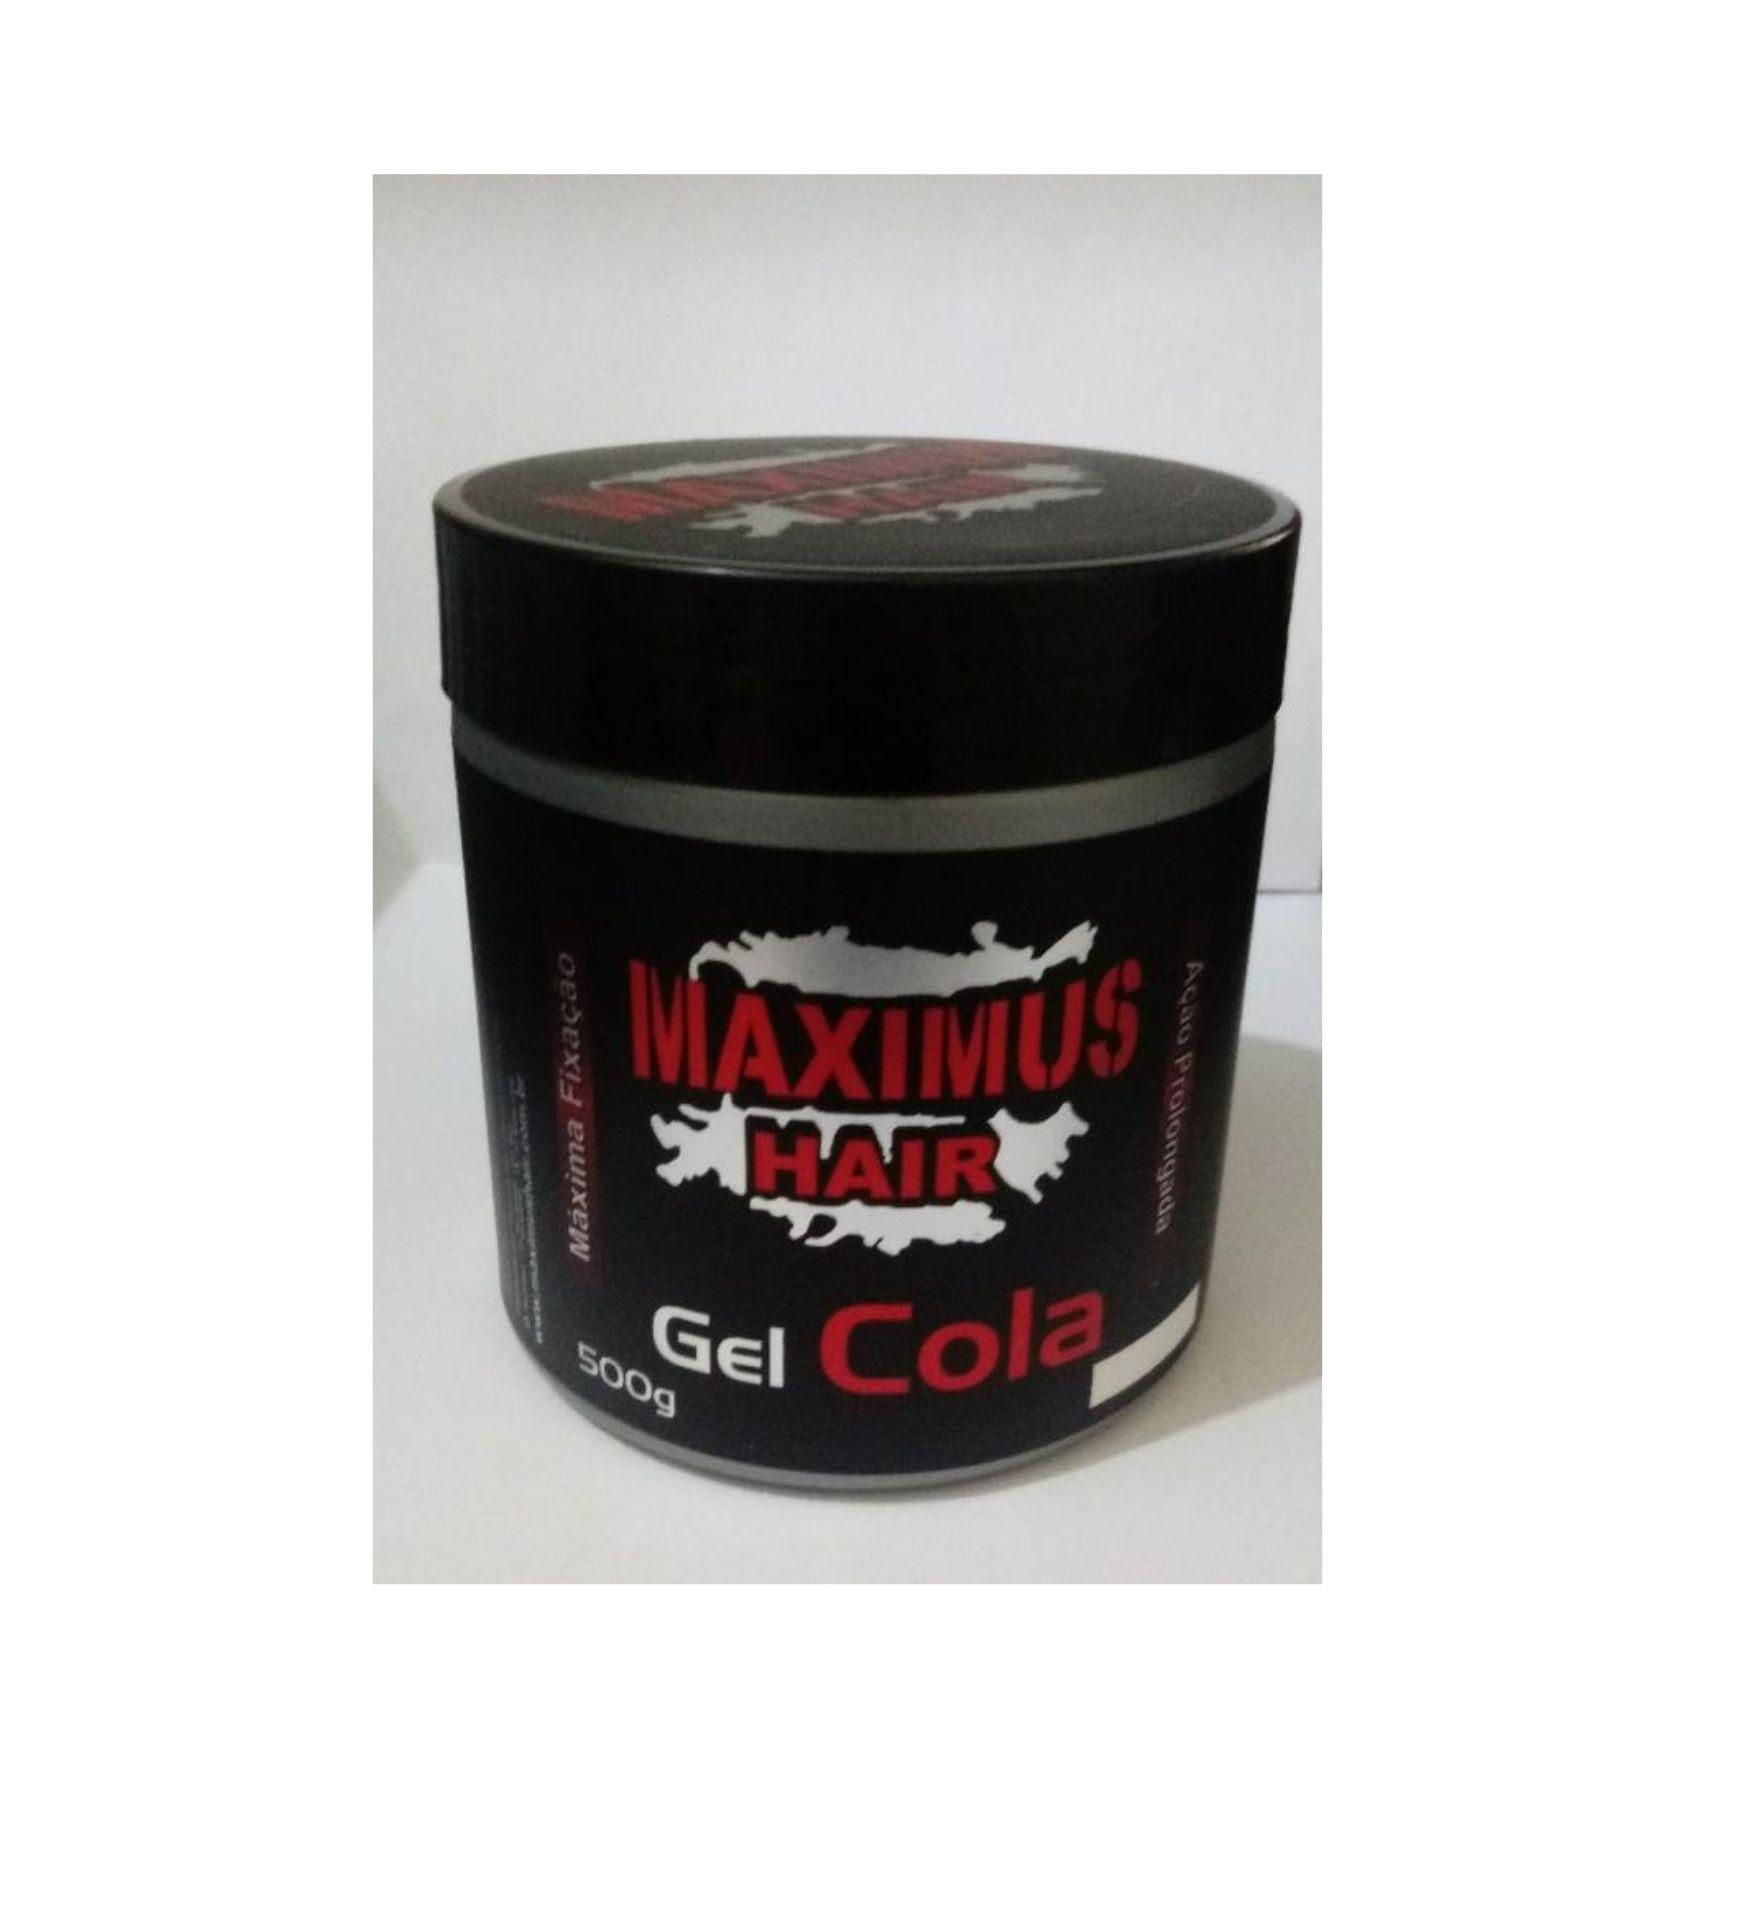 MAXIMUS HAIR GEL COLA 500G